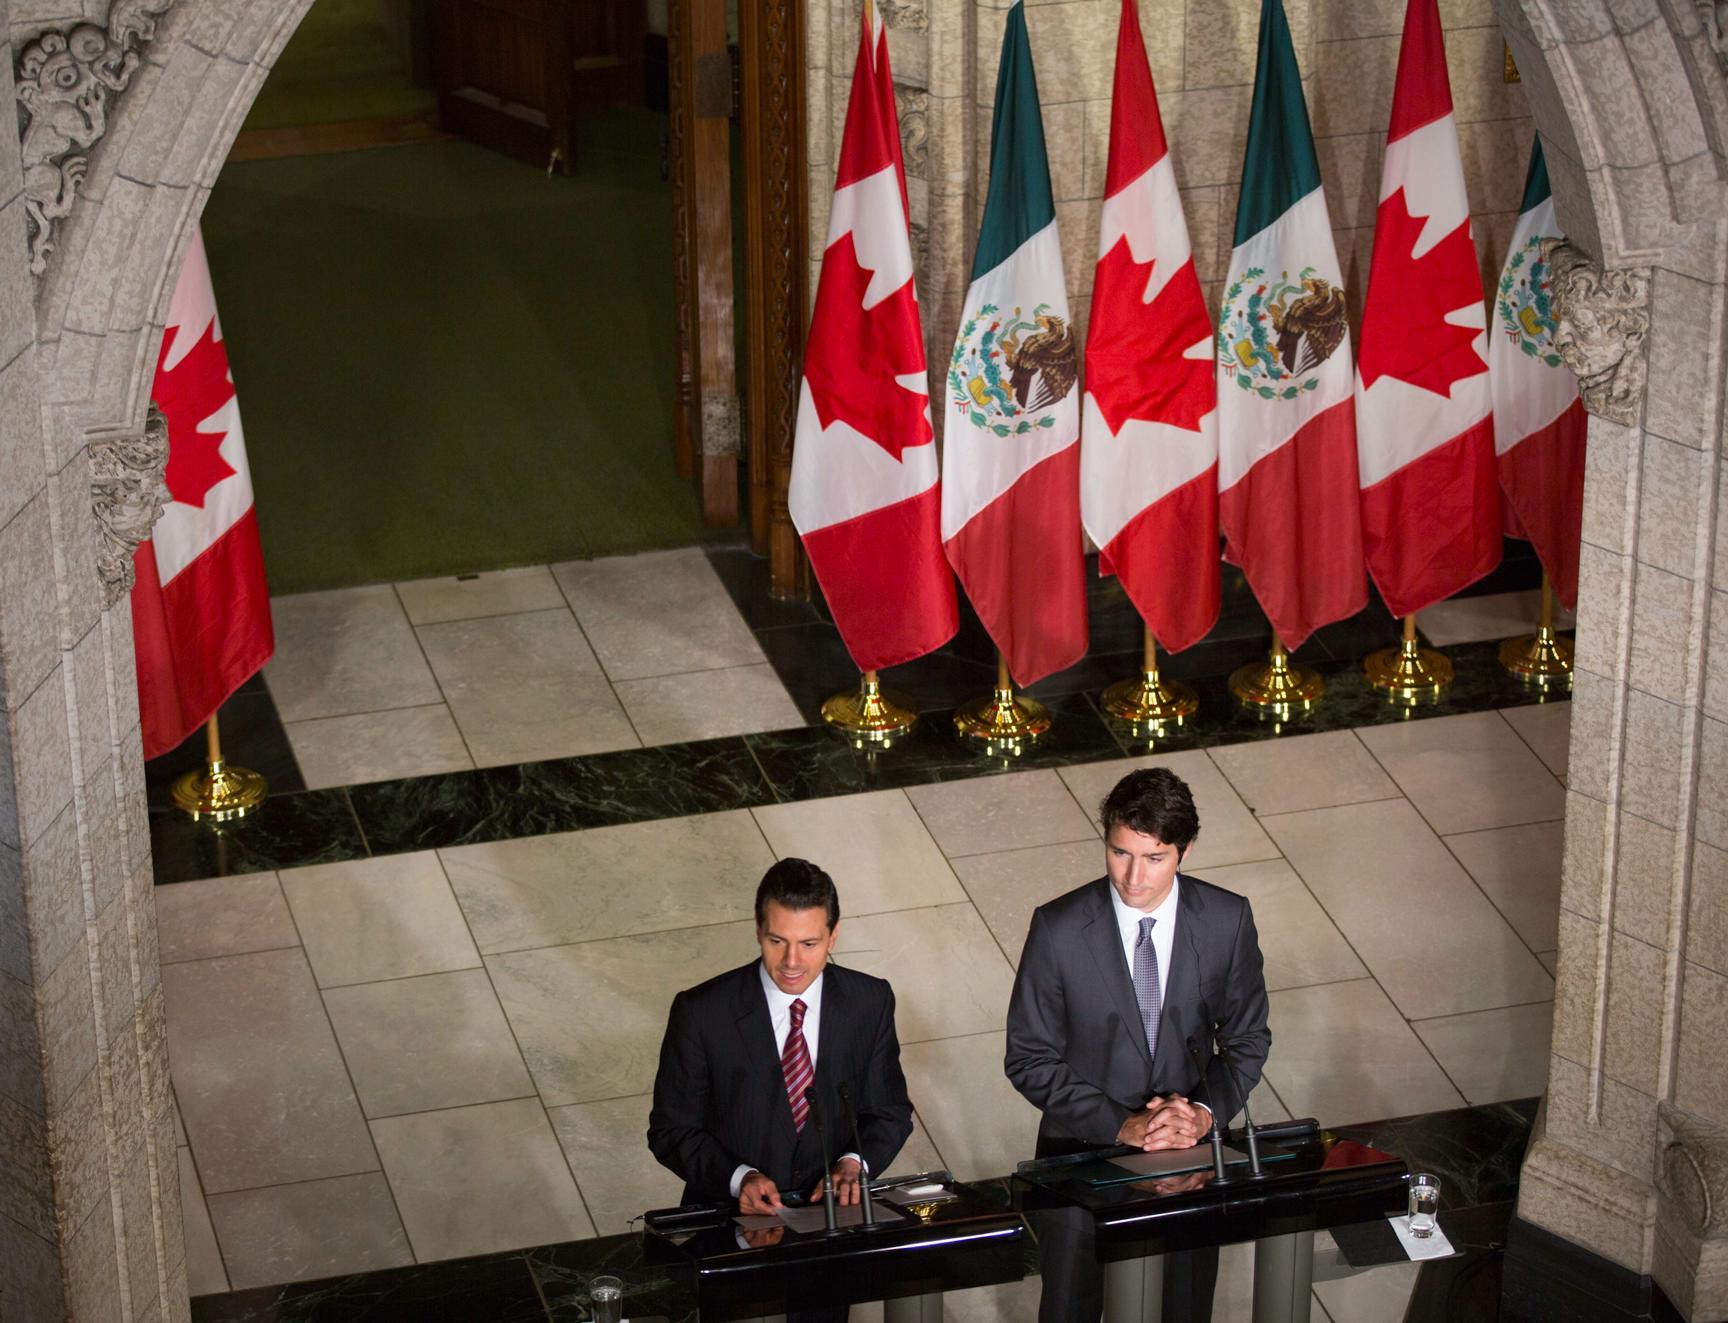 """""""La colaboración entre nuestros dos países ya es extensa, pero es tiempo de que hagamos más juntos, que nuestra relación se profundice, se amplíe y sea más productiva mutuamente, para el beneficio de nuestra gente"""": Declaración conjunta"""